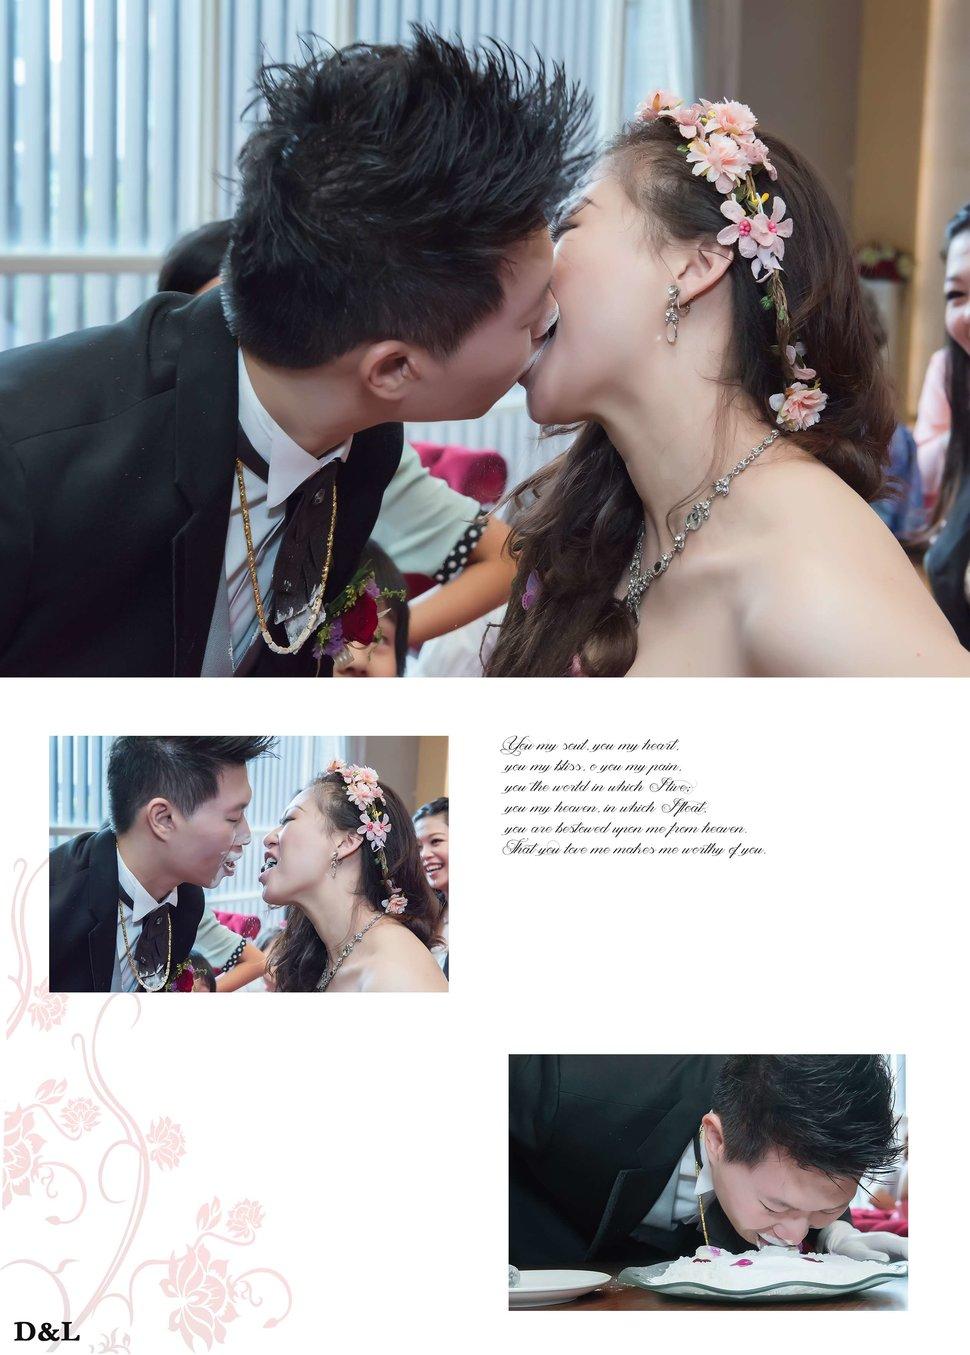 台中婚攝 婚禮紀錄 顥天&美彣-菊園婚宴會館(編號:253213) - D&L 婚禮事務-婚紗攝影/婚禮記錄 - 結婚吧